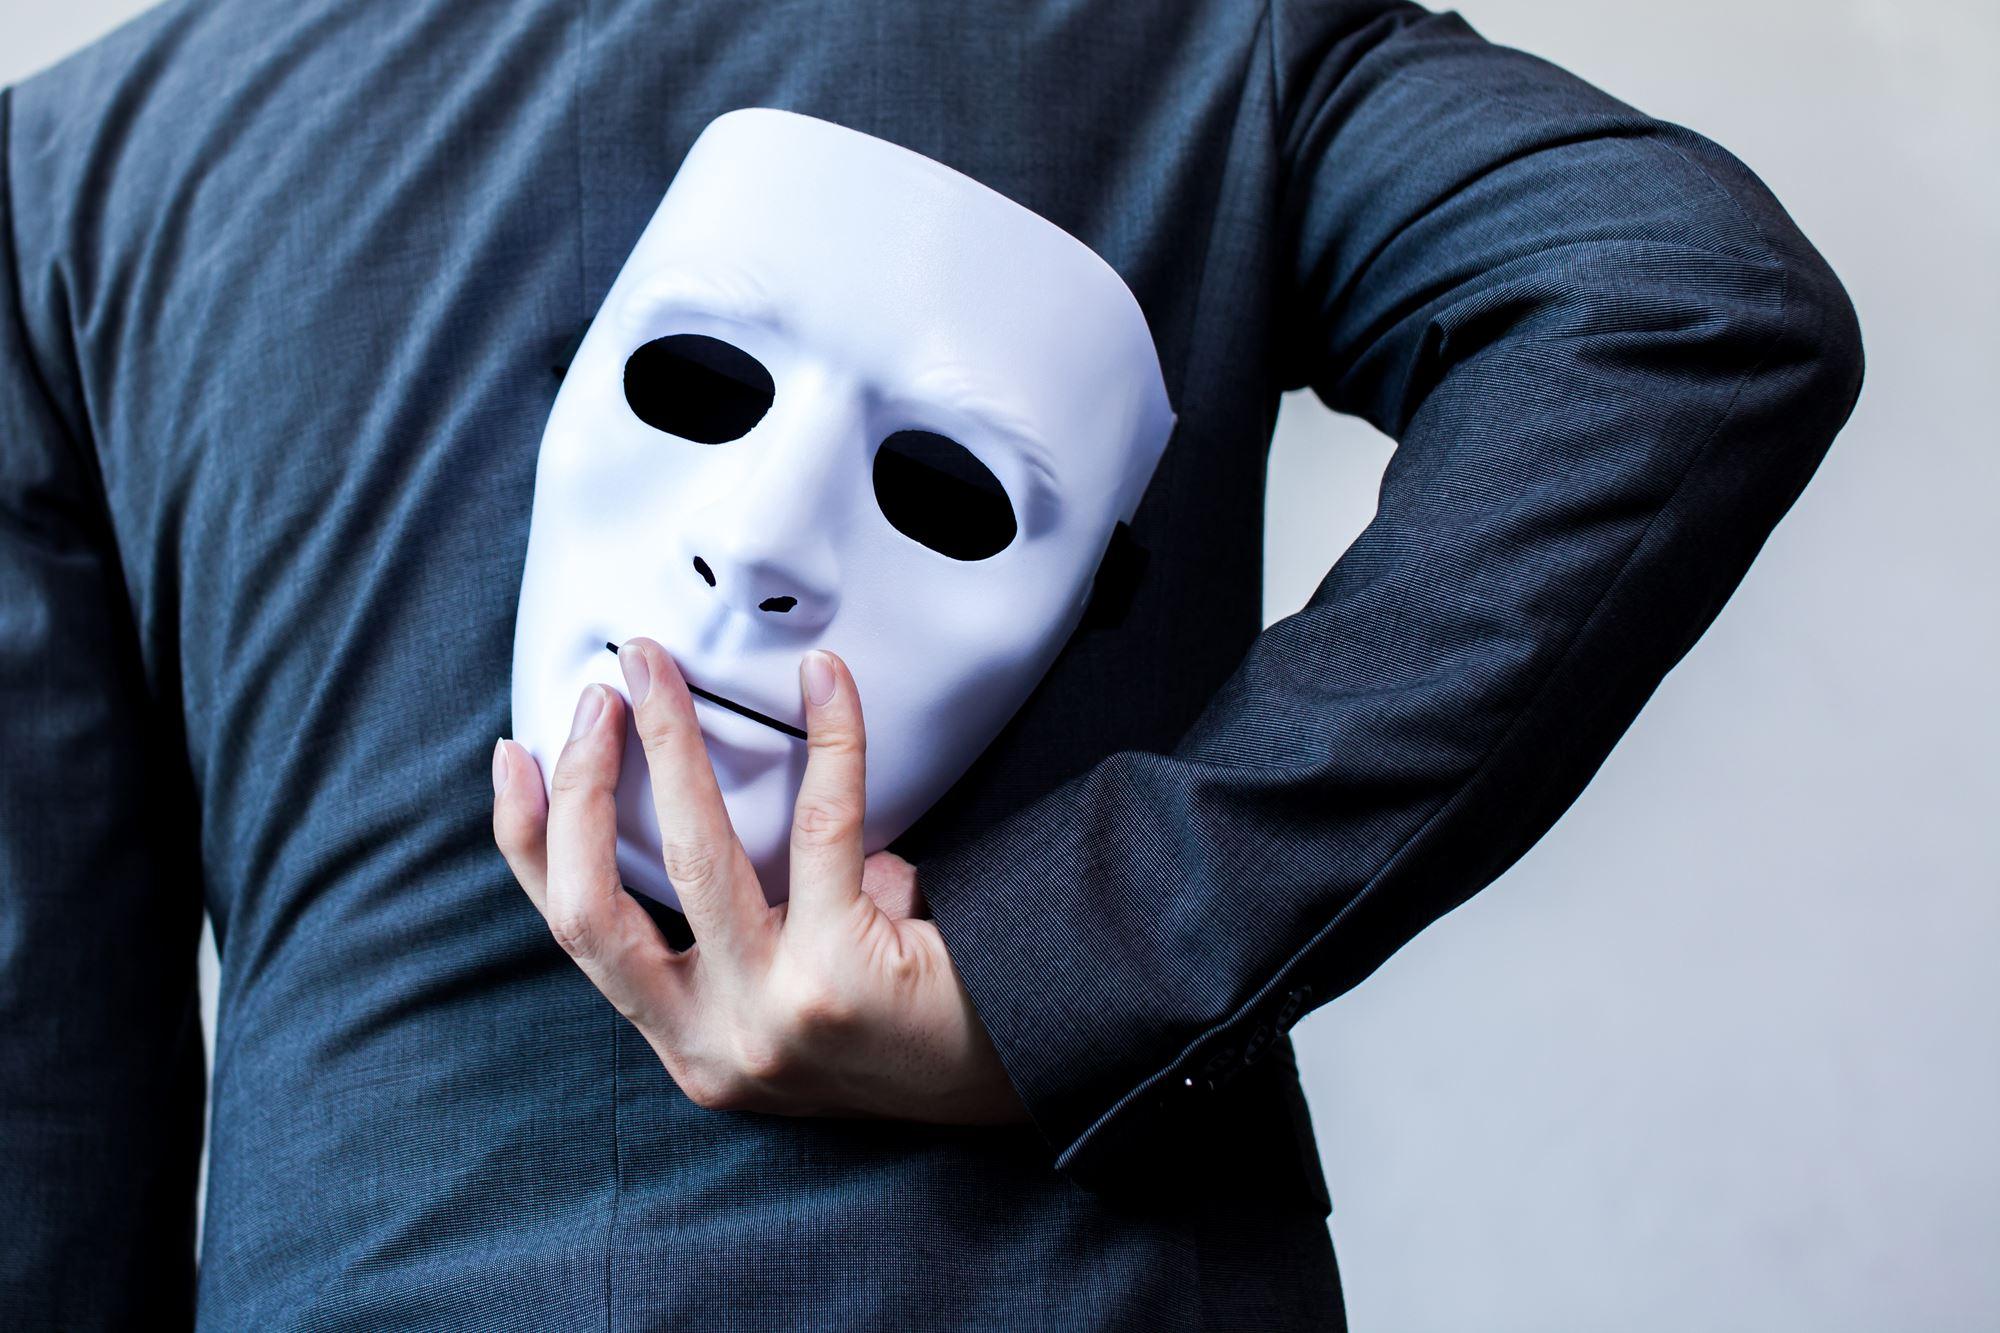 Le profil de la perversion narcissique se développe dans lenfance.